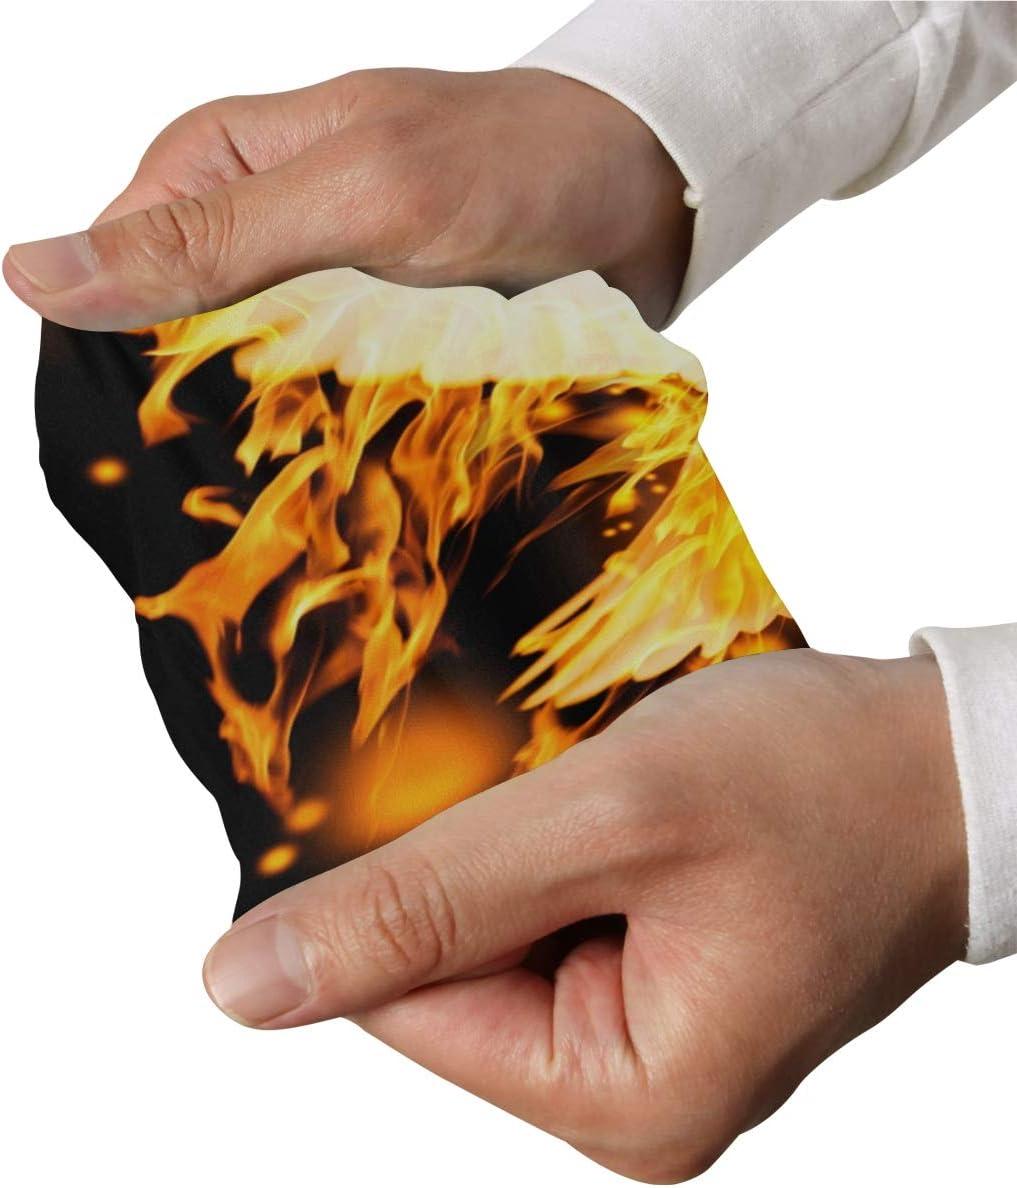 FANTAZIO Manga de brazo codo mangas voladoras paloma fuego patrón UV protección solar Cooling brazo codo compresión: Amazon.es: Bricolaje y herramientas